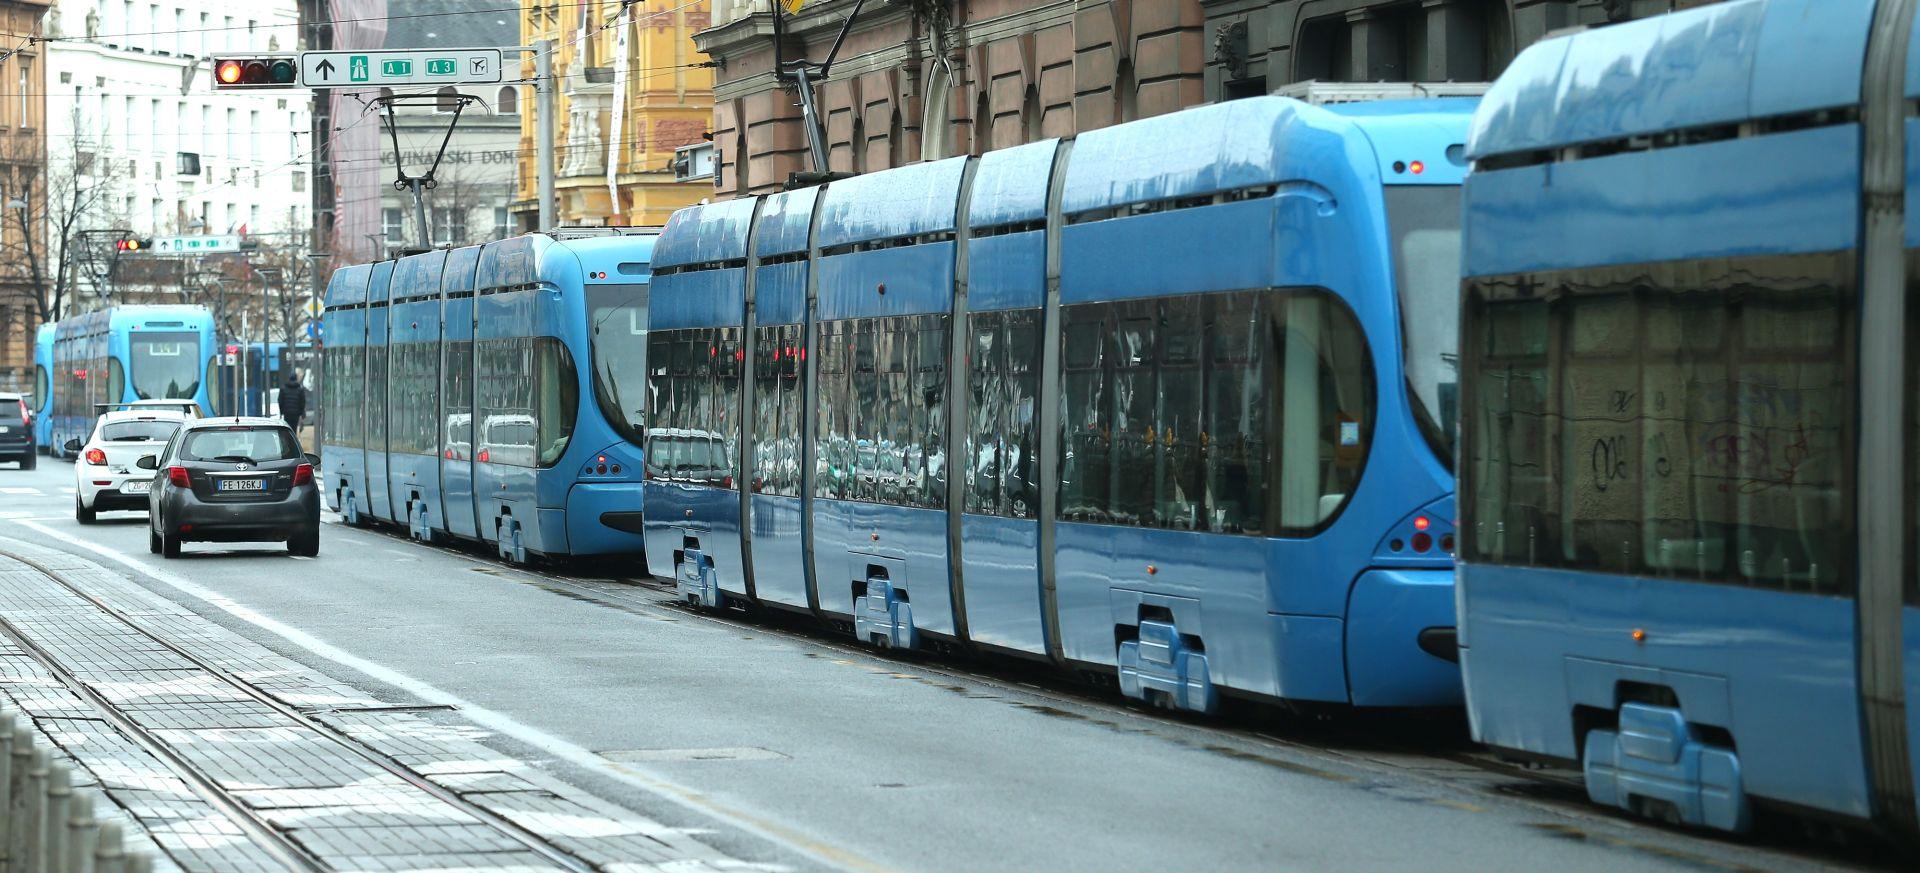 OŠTEĆENJE ELEKTRIČNE MREŽE Zastoj tramvajskog prometa u središtu Zagreba